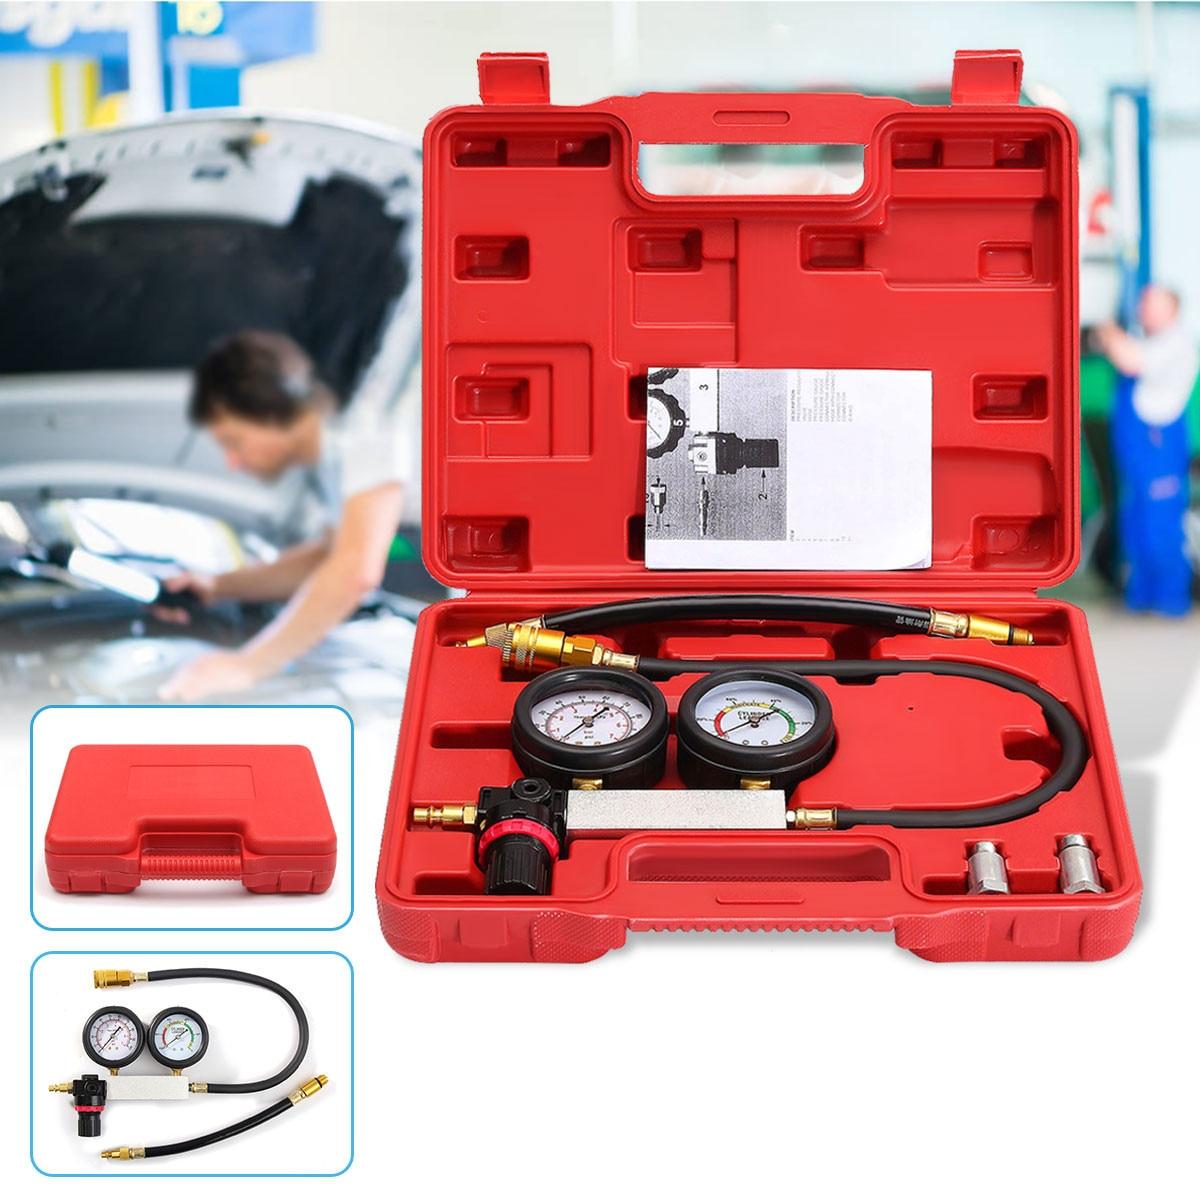 0-100PSI cylindre testeur de fuite Compression détecteur de fuite Kit ensemble essence moteur jauge outil Double jauge système Automobile outils